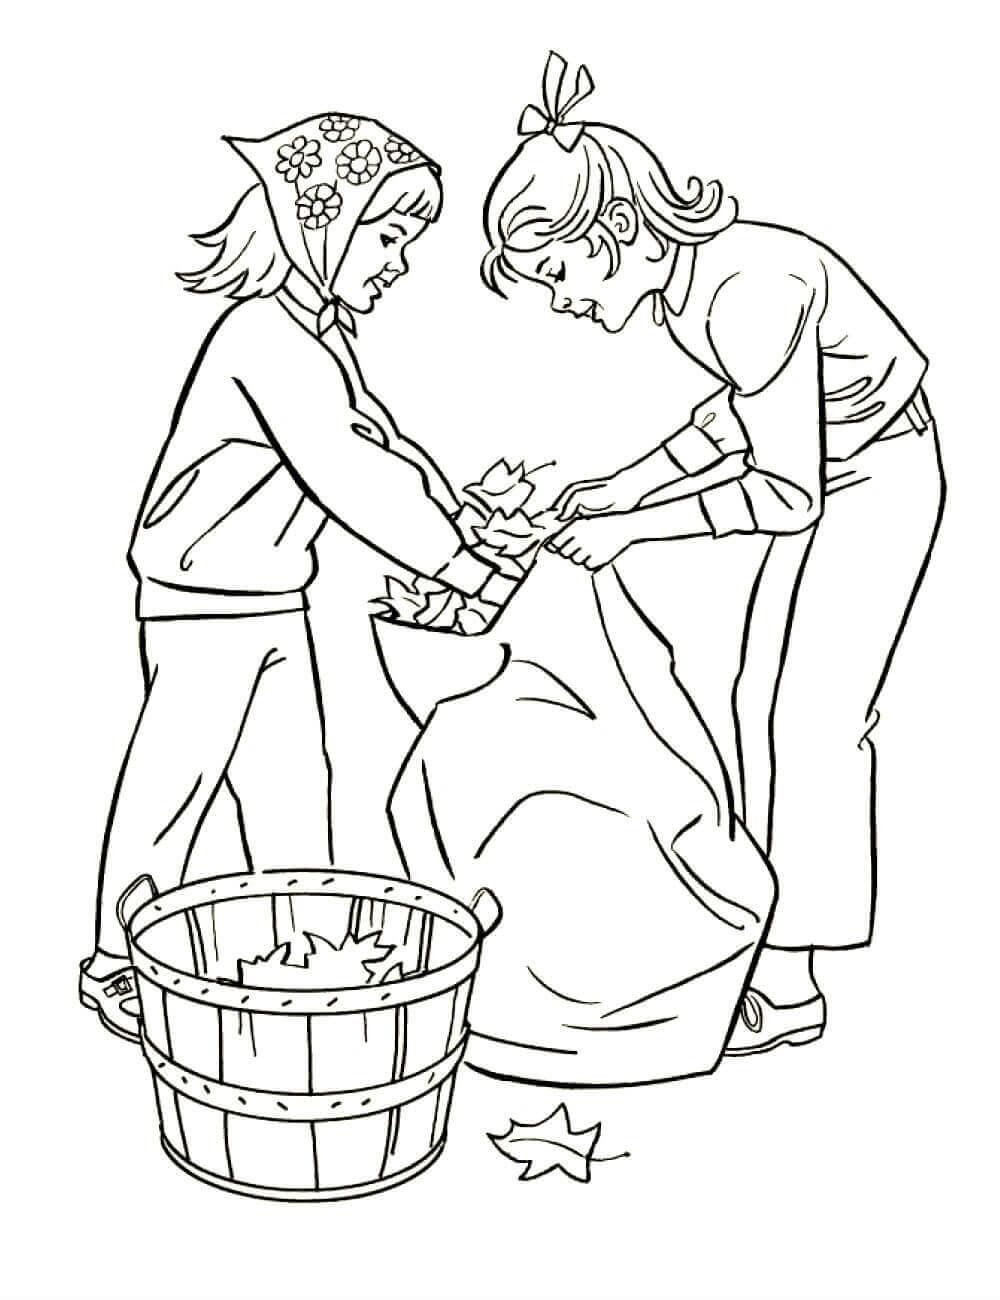 Раскраска Трудолюбивые сестрички